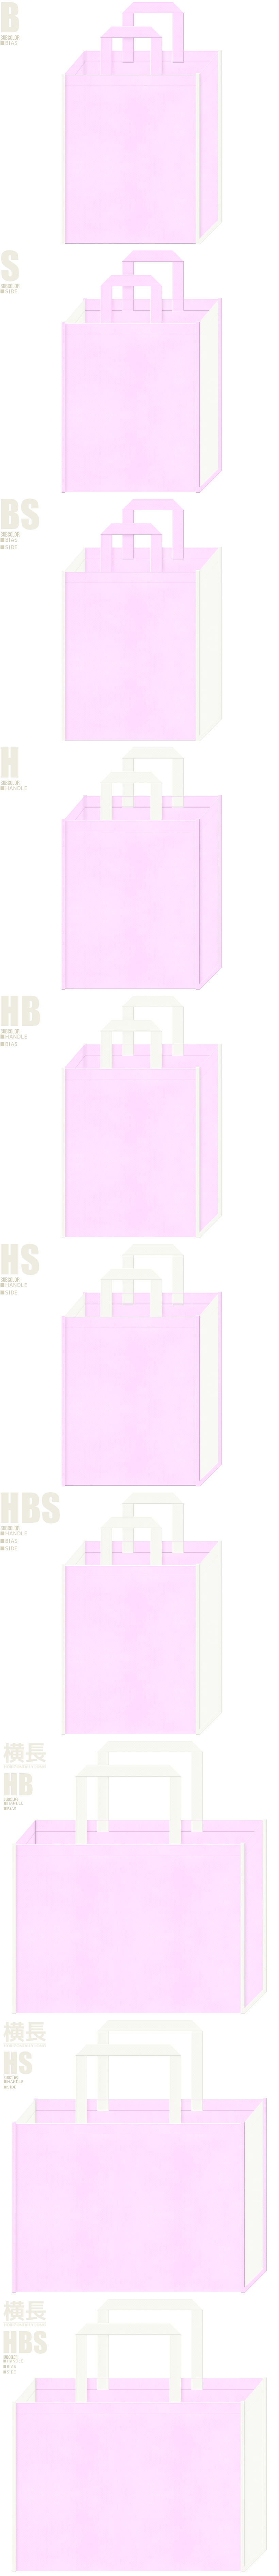 保育・福祉・介護・医療・ひな祭り・母の日・ブーケ・フラワーショップ・ウェディング・イチゴミルク・フラミンゴ・バタフライ・ドリーム・プリンセス・シュガー・マシュマロ・うさぎ・ファンシー・パステルカラー・ガーリーデザインにお奨めの不織布バッグデザイン:パステルピンク色とオフホワイト色の配色7パターン